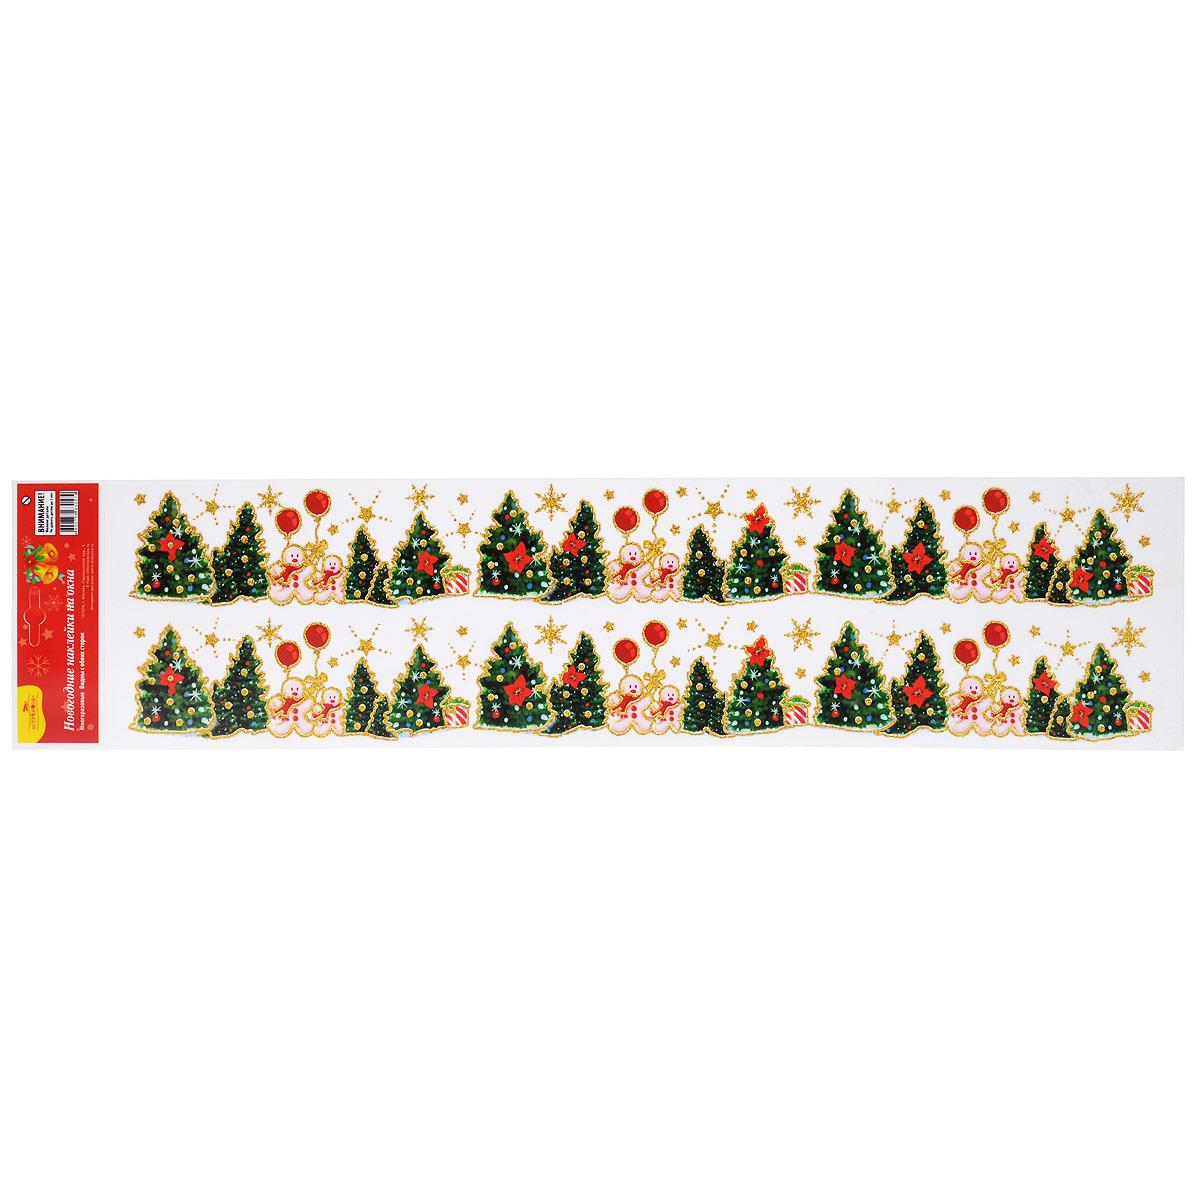 Новогодние наклейки на окна Стрекоза, в ассортименте. WDGX-500439868 (WDGX-5004)Наклейки на окна Стрекоза в виде традиционных рождественских героев и игрушек помогут вам изменить облик комнаты за считанные минуты и создадут особенное предновогоднее настроение. Красочный рисунок с золотыми контурами нанесен на прозрачную основу, благодаря чему наклейки видны с обеих сторон стекла. Кроме того, они легко отклеиваются и могут быть использованы многократно. Превратите ваш дом в сказочное королевство!